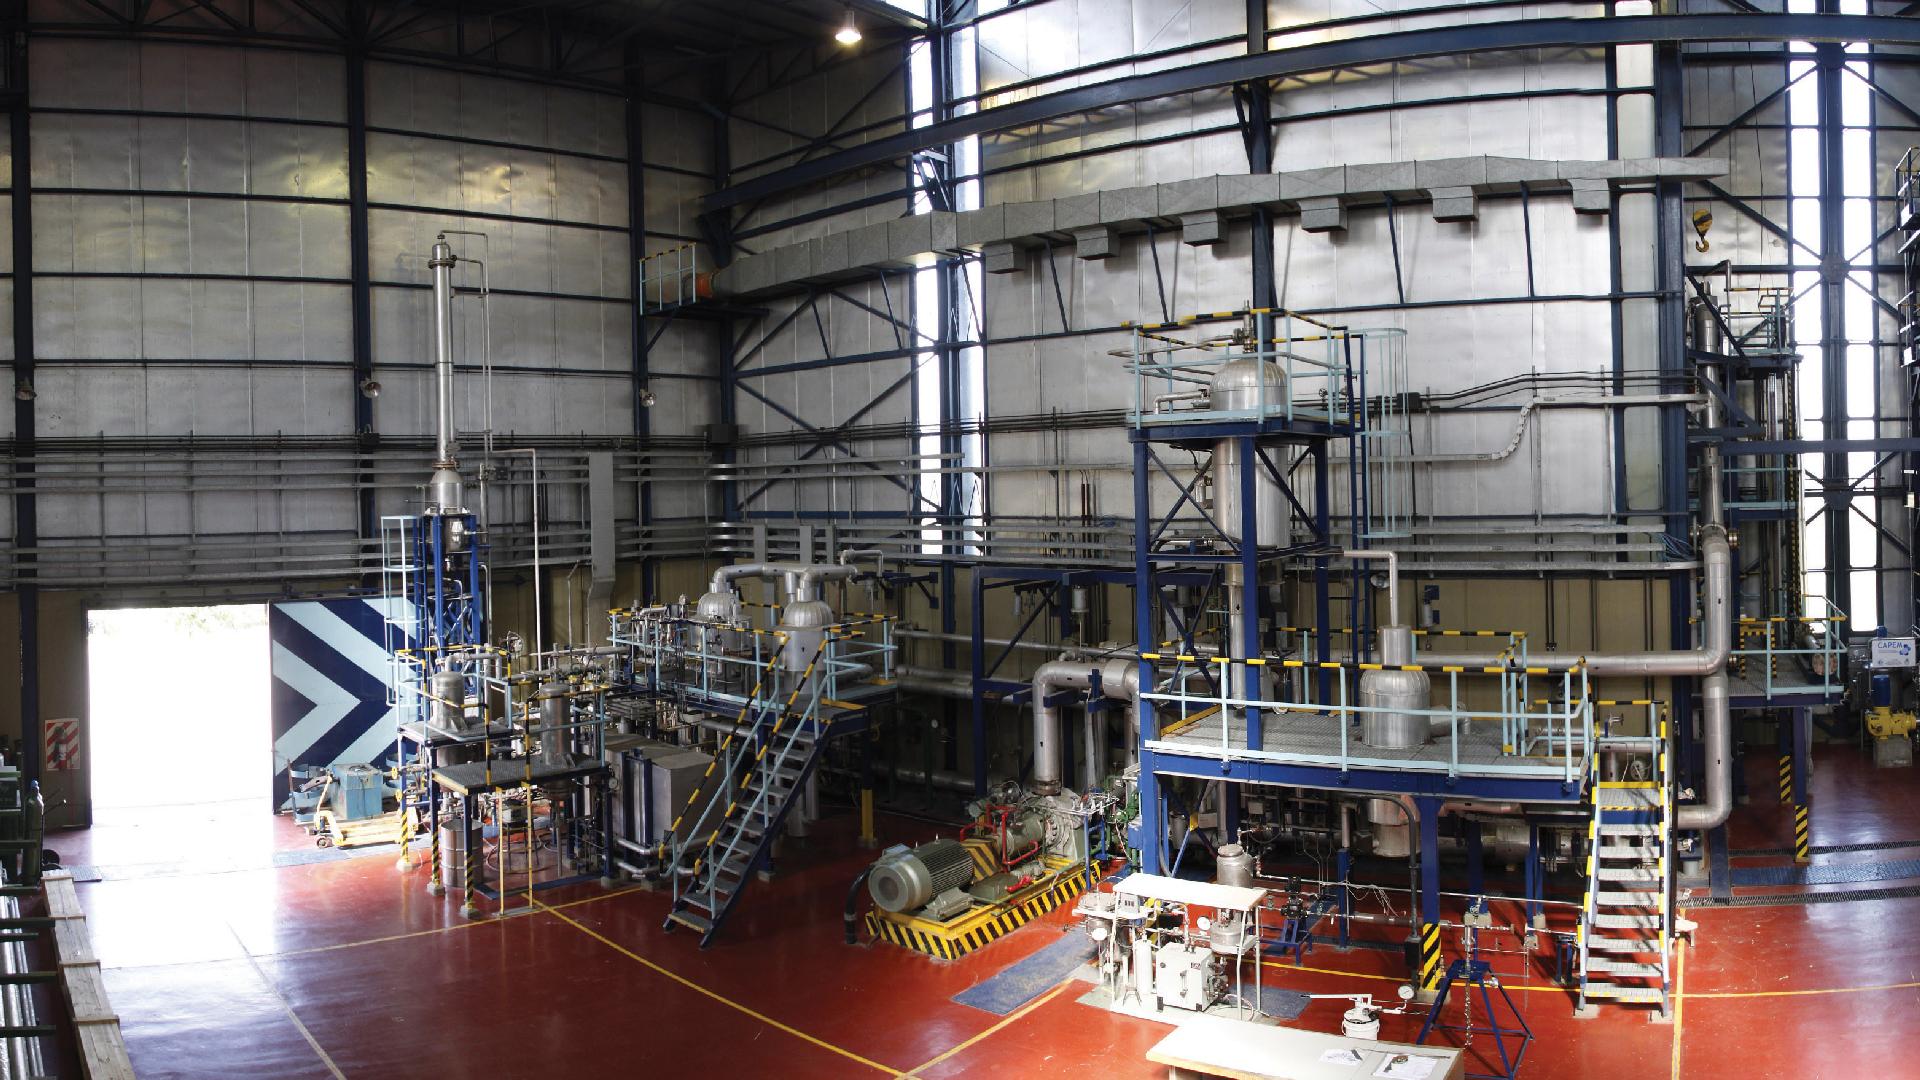 Instalaciones del Laboratorio de Ensayos de Alta Presión (CNEA)